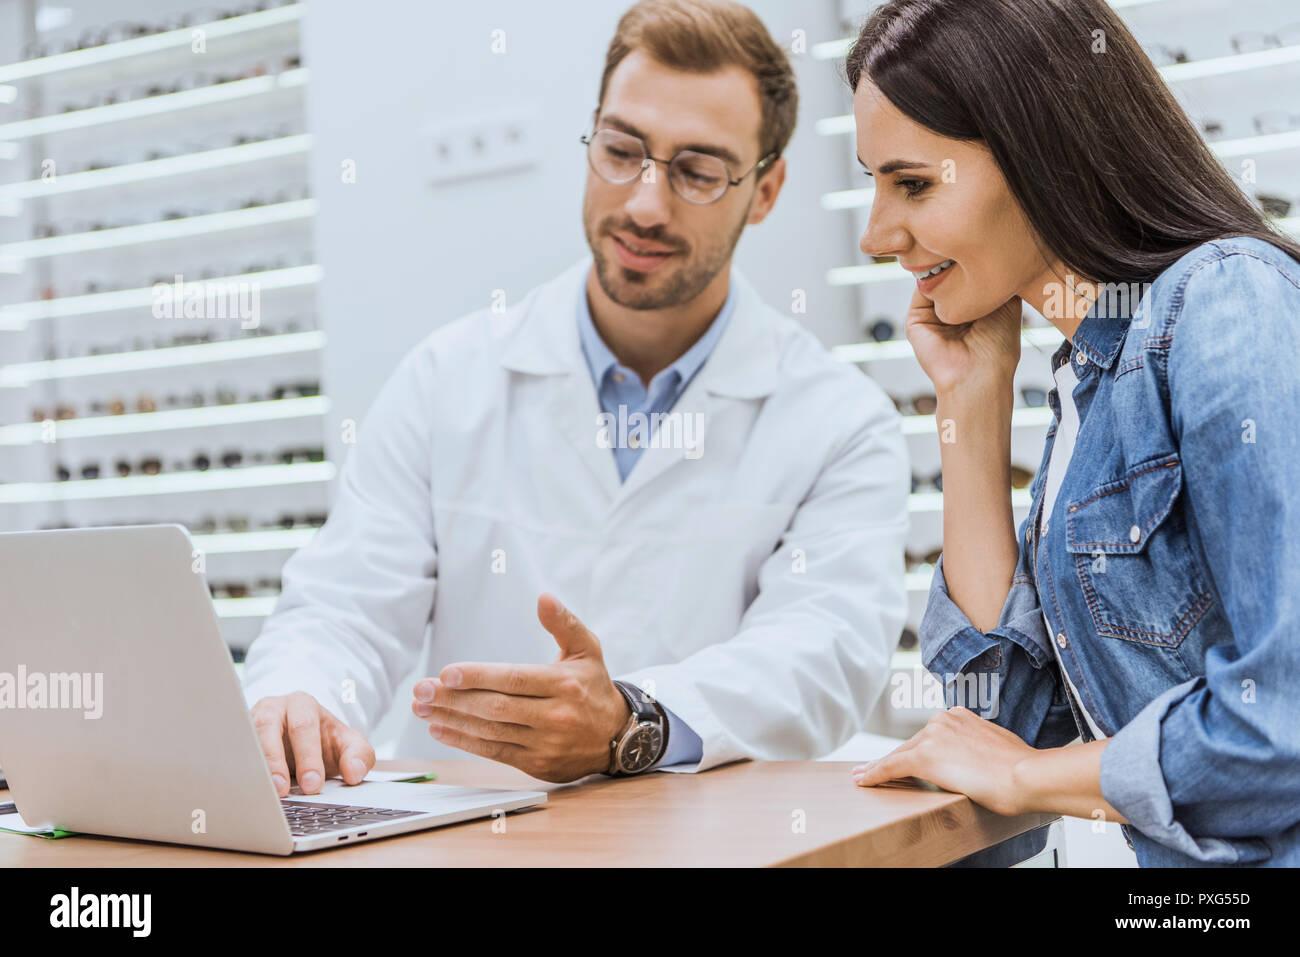 Smiling woman standing près de l oculiste mâle pendant qu il fait à la main  à l écran de l ordinateur portable en optique 6bc5f3450aa3